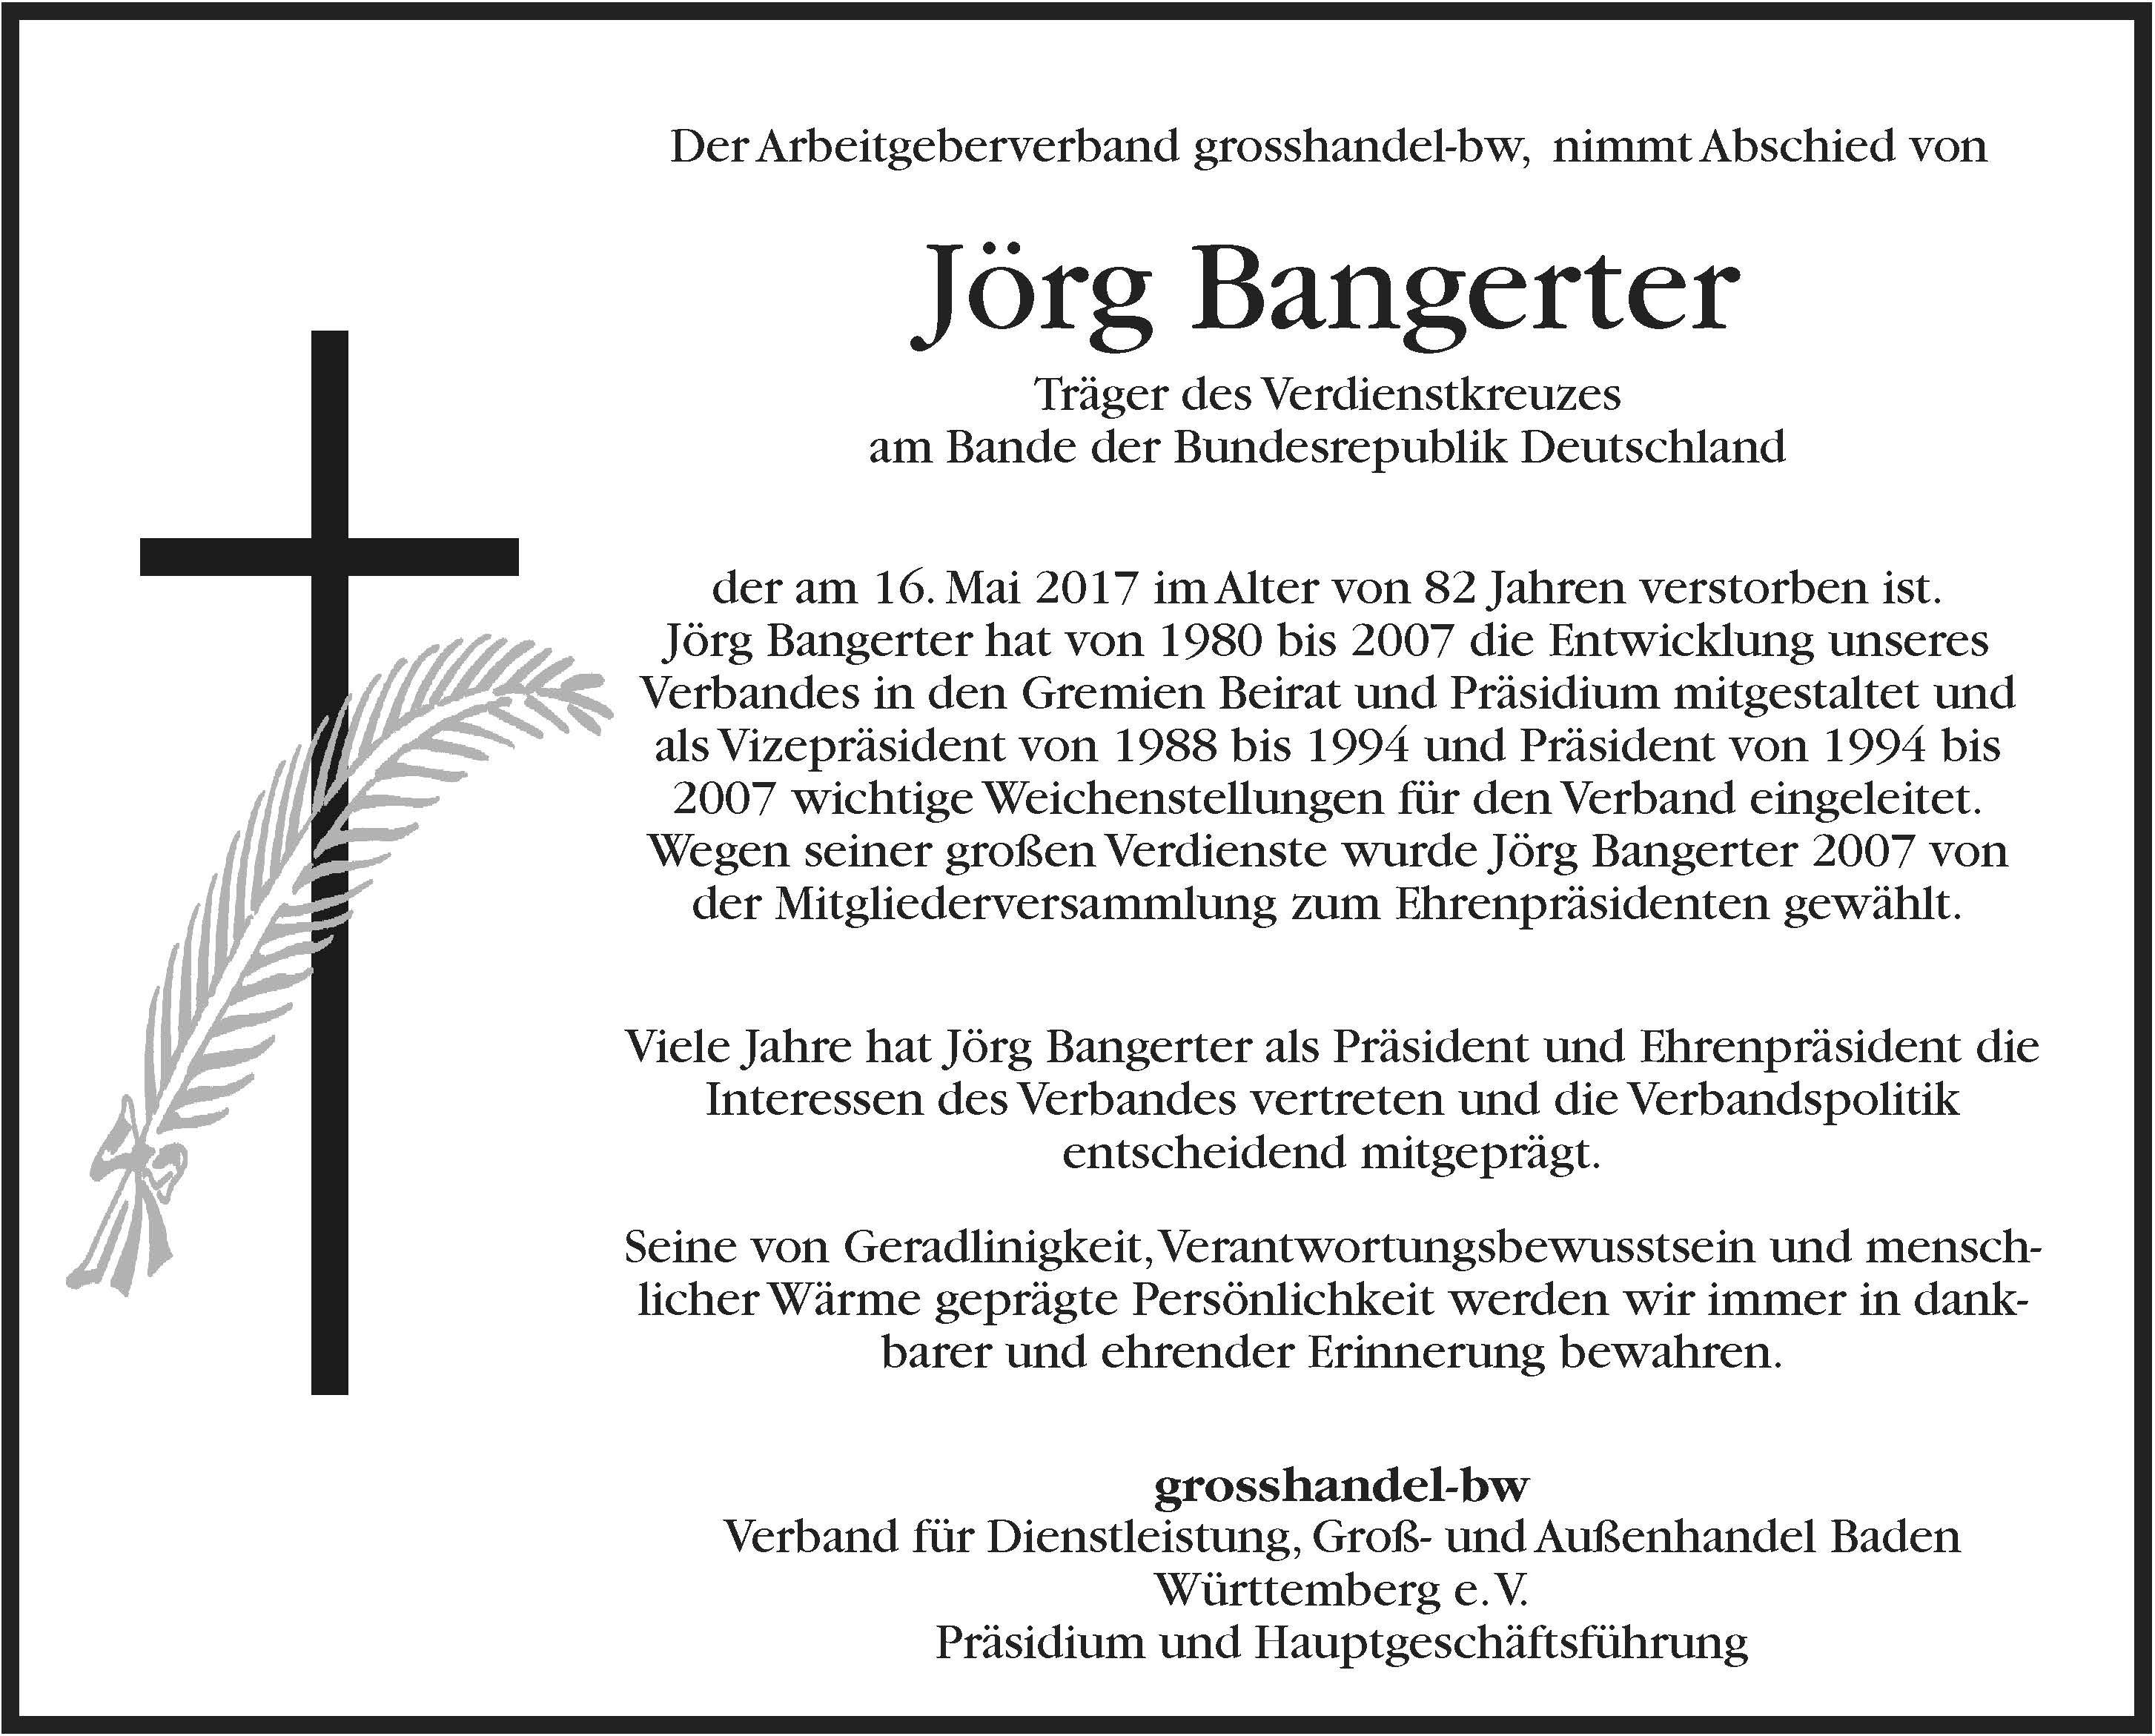 Nachruf Jörg Bangerter grosshandel-bw